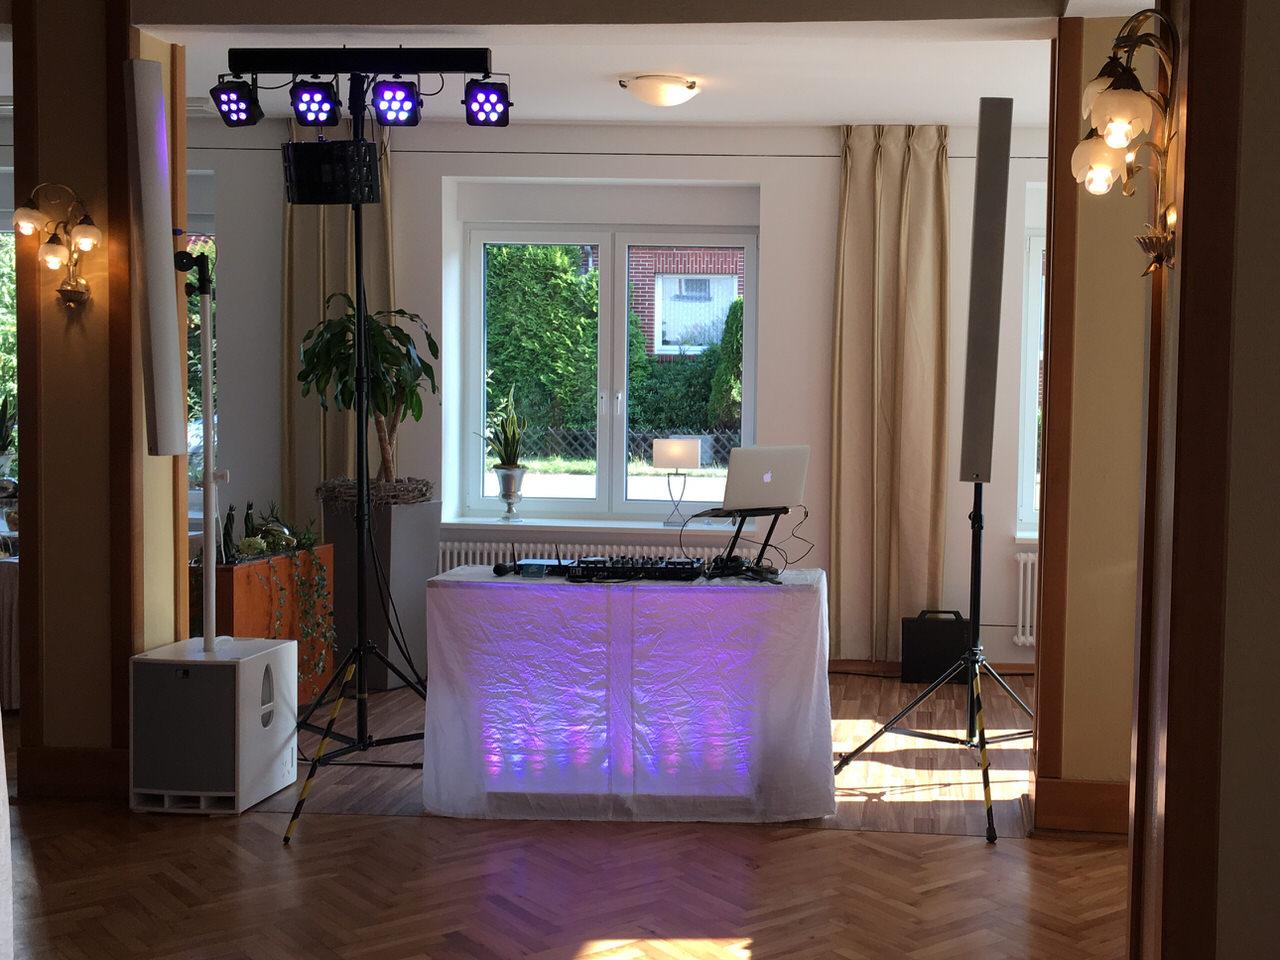 Mein kleines Hochzeit-Setup mit einem zusätzlichen LED-Effekt. Foto: Andreas Paul / Paul van Groove